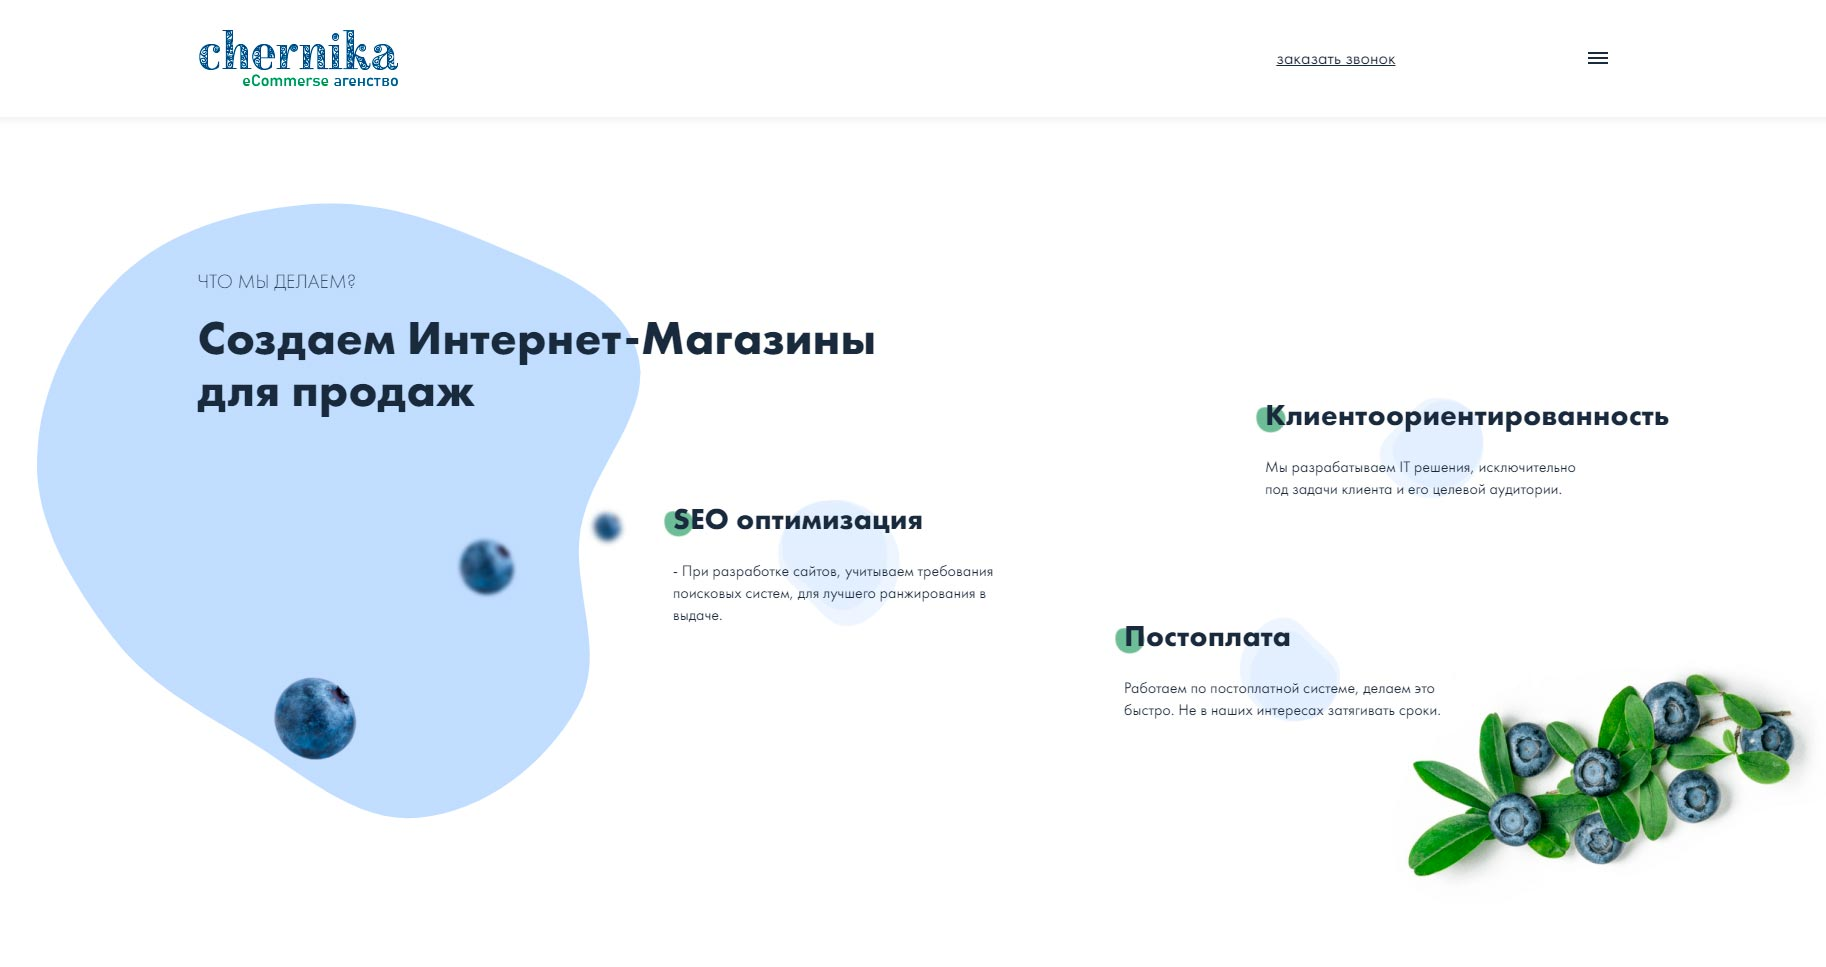 chernika - обзор компании, услуги, отзывы, клиенты, Фото № 1 - google-seo.pro